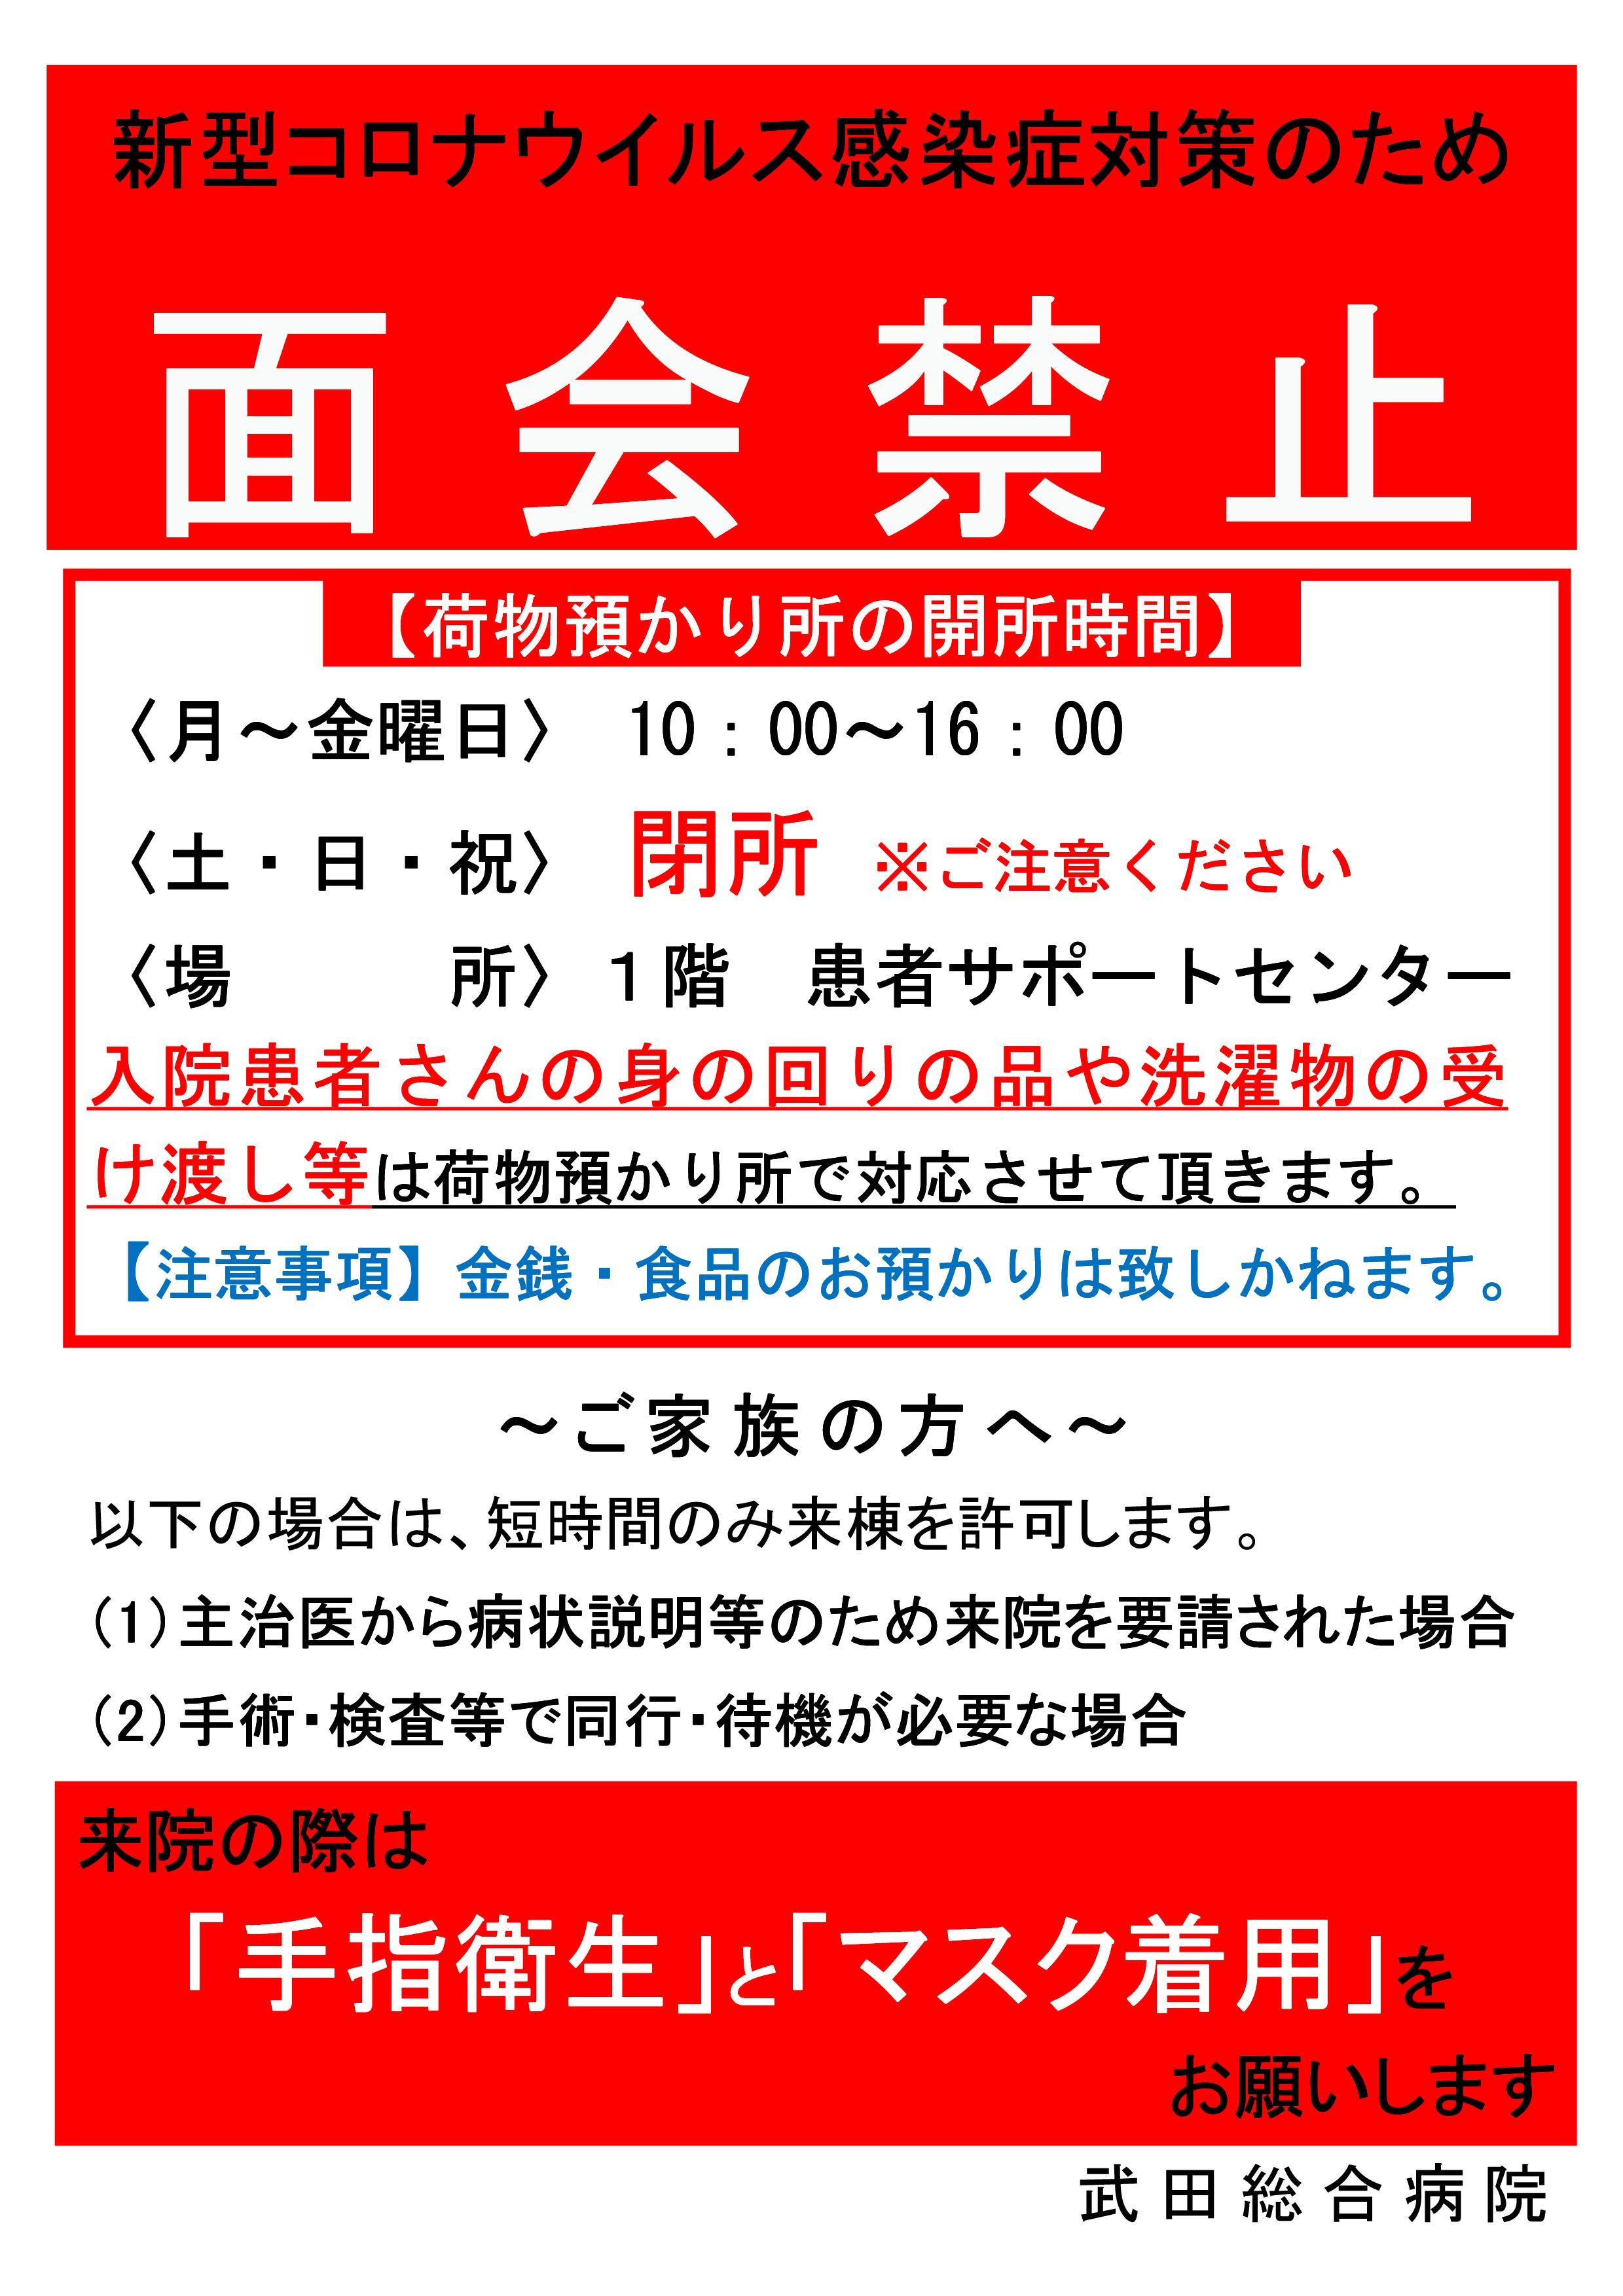 面会禁止荷物預かり所について_2021.4.28.jpg